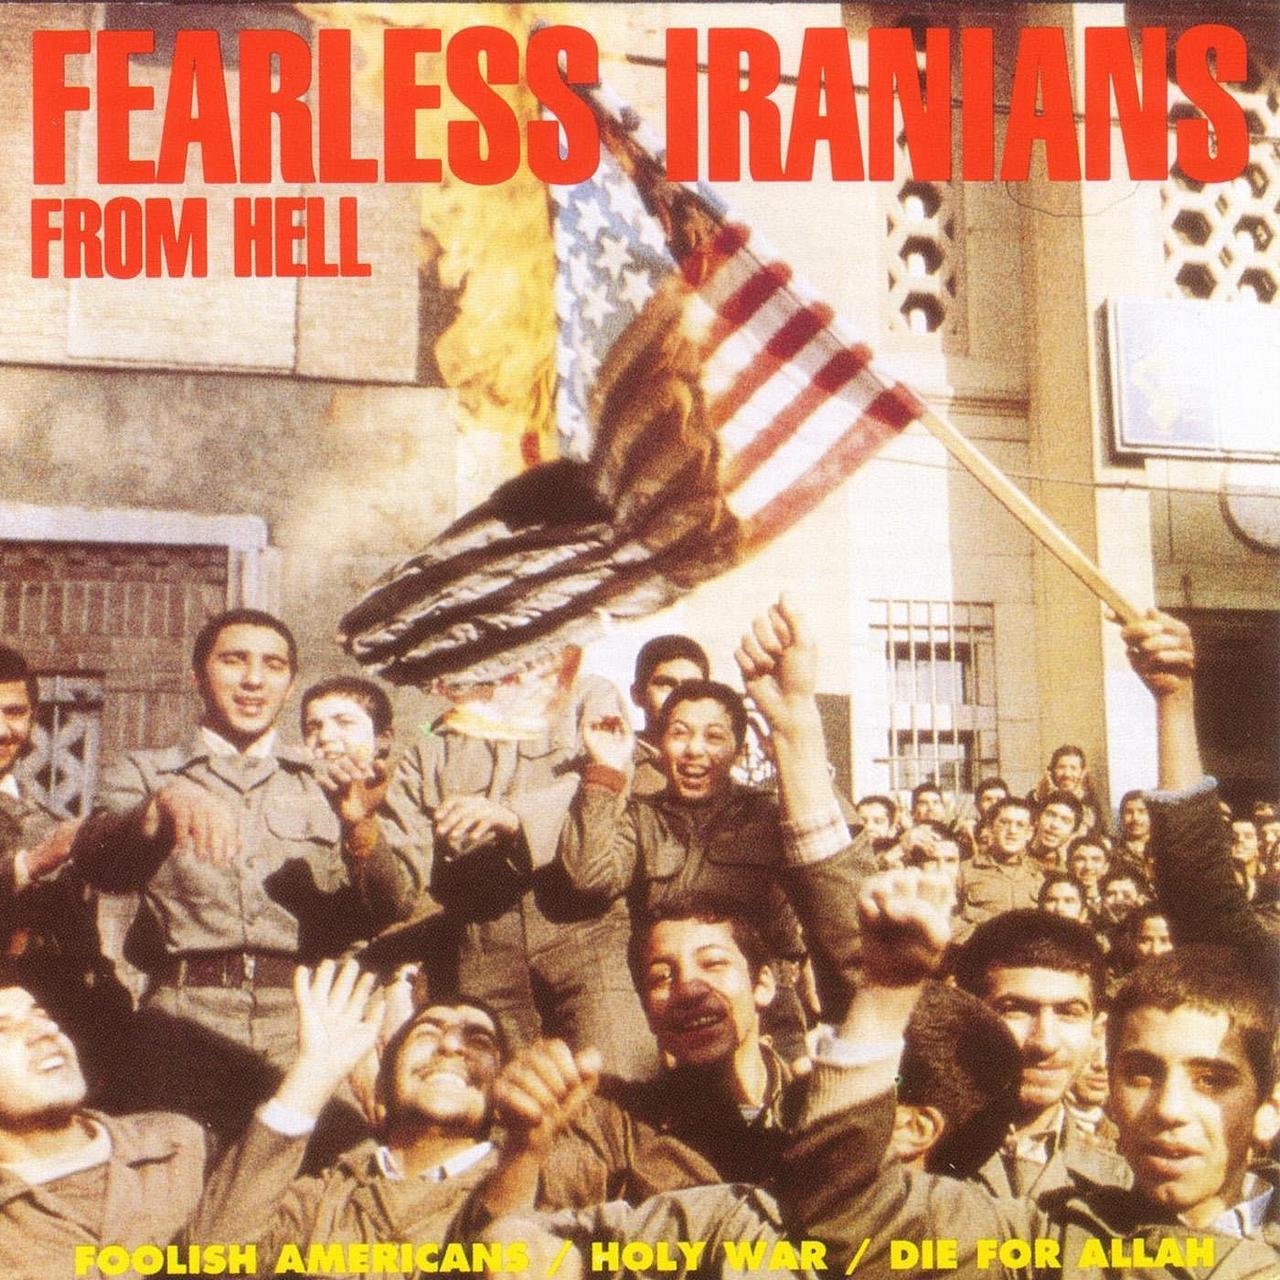 Recopilatorio y último disco de Fearless Iranians from Hell